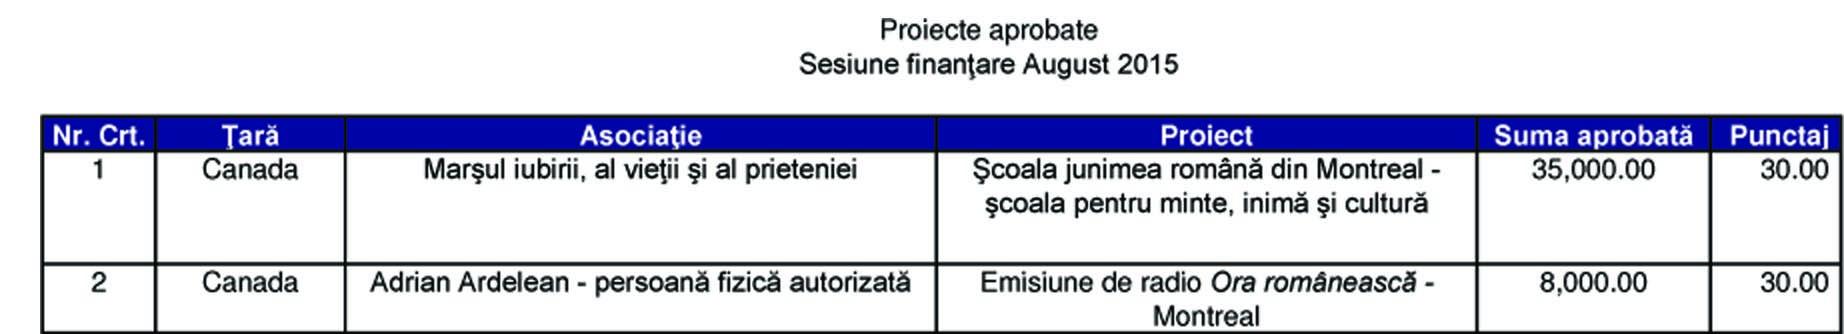 Au apărut rezultatele celei de-a doua sesiuni de finanțare DPRRP